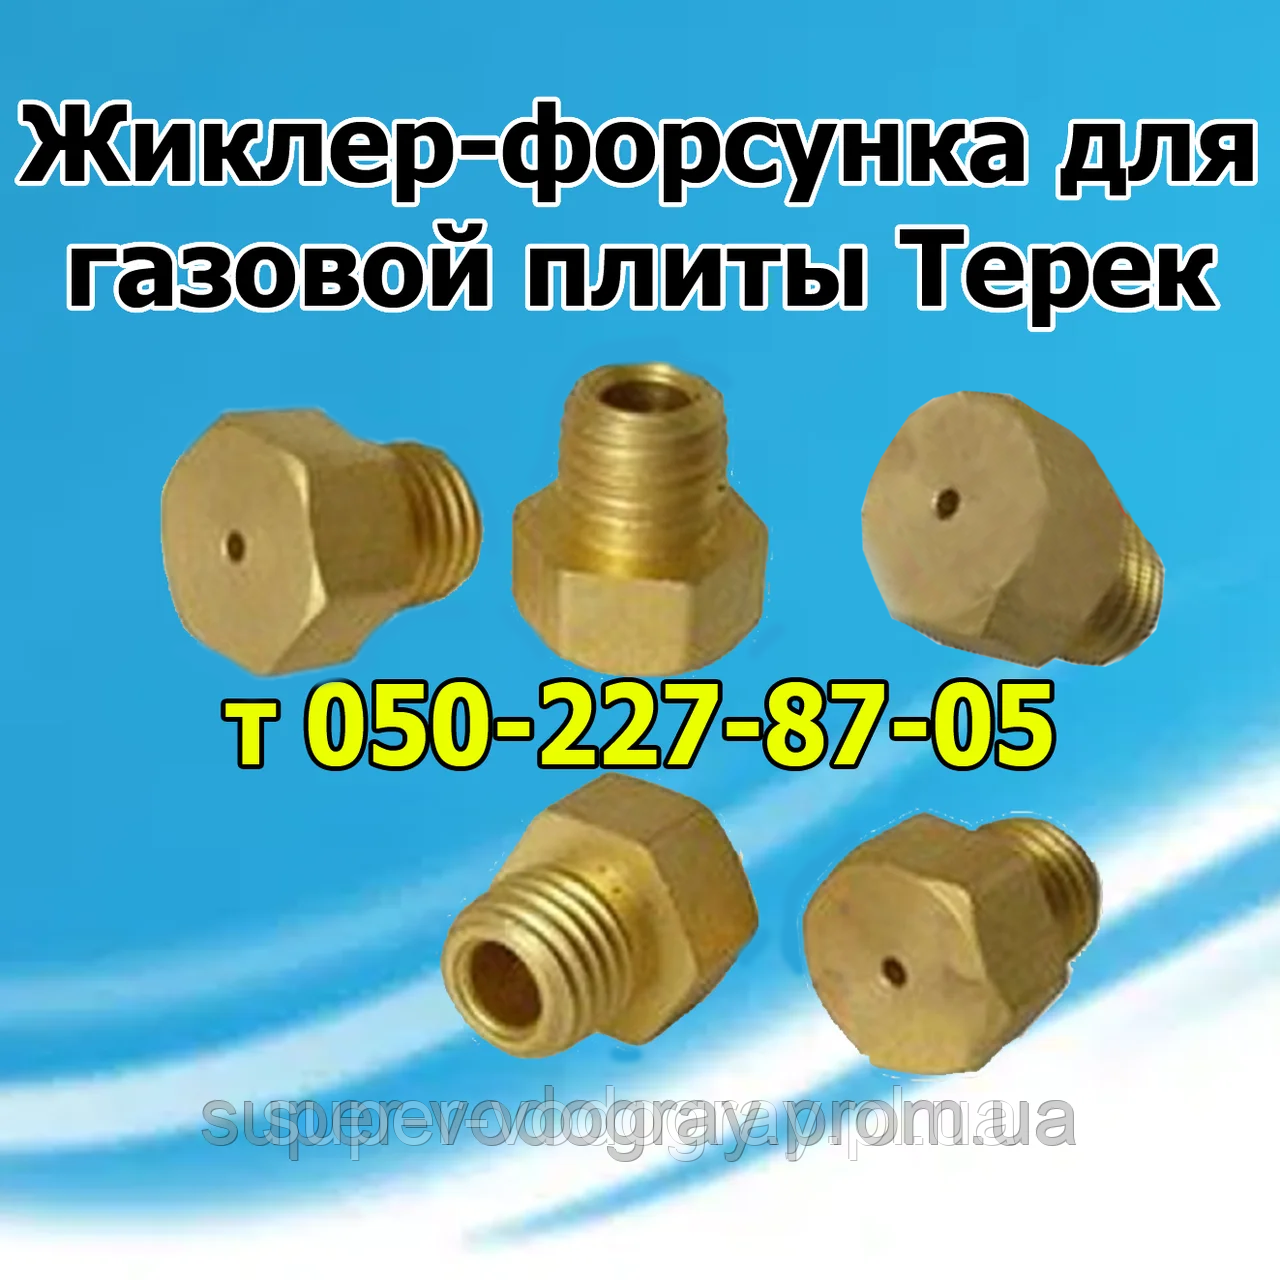 Жиклёр-форсунка для газовой плиты Терек